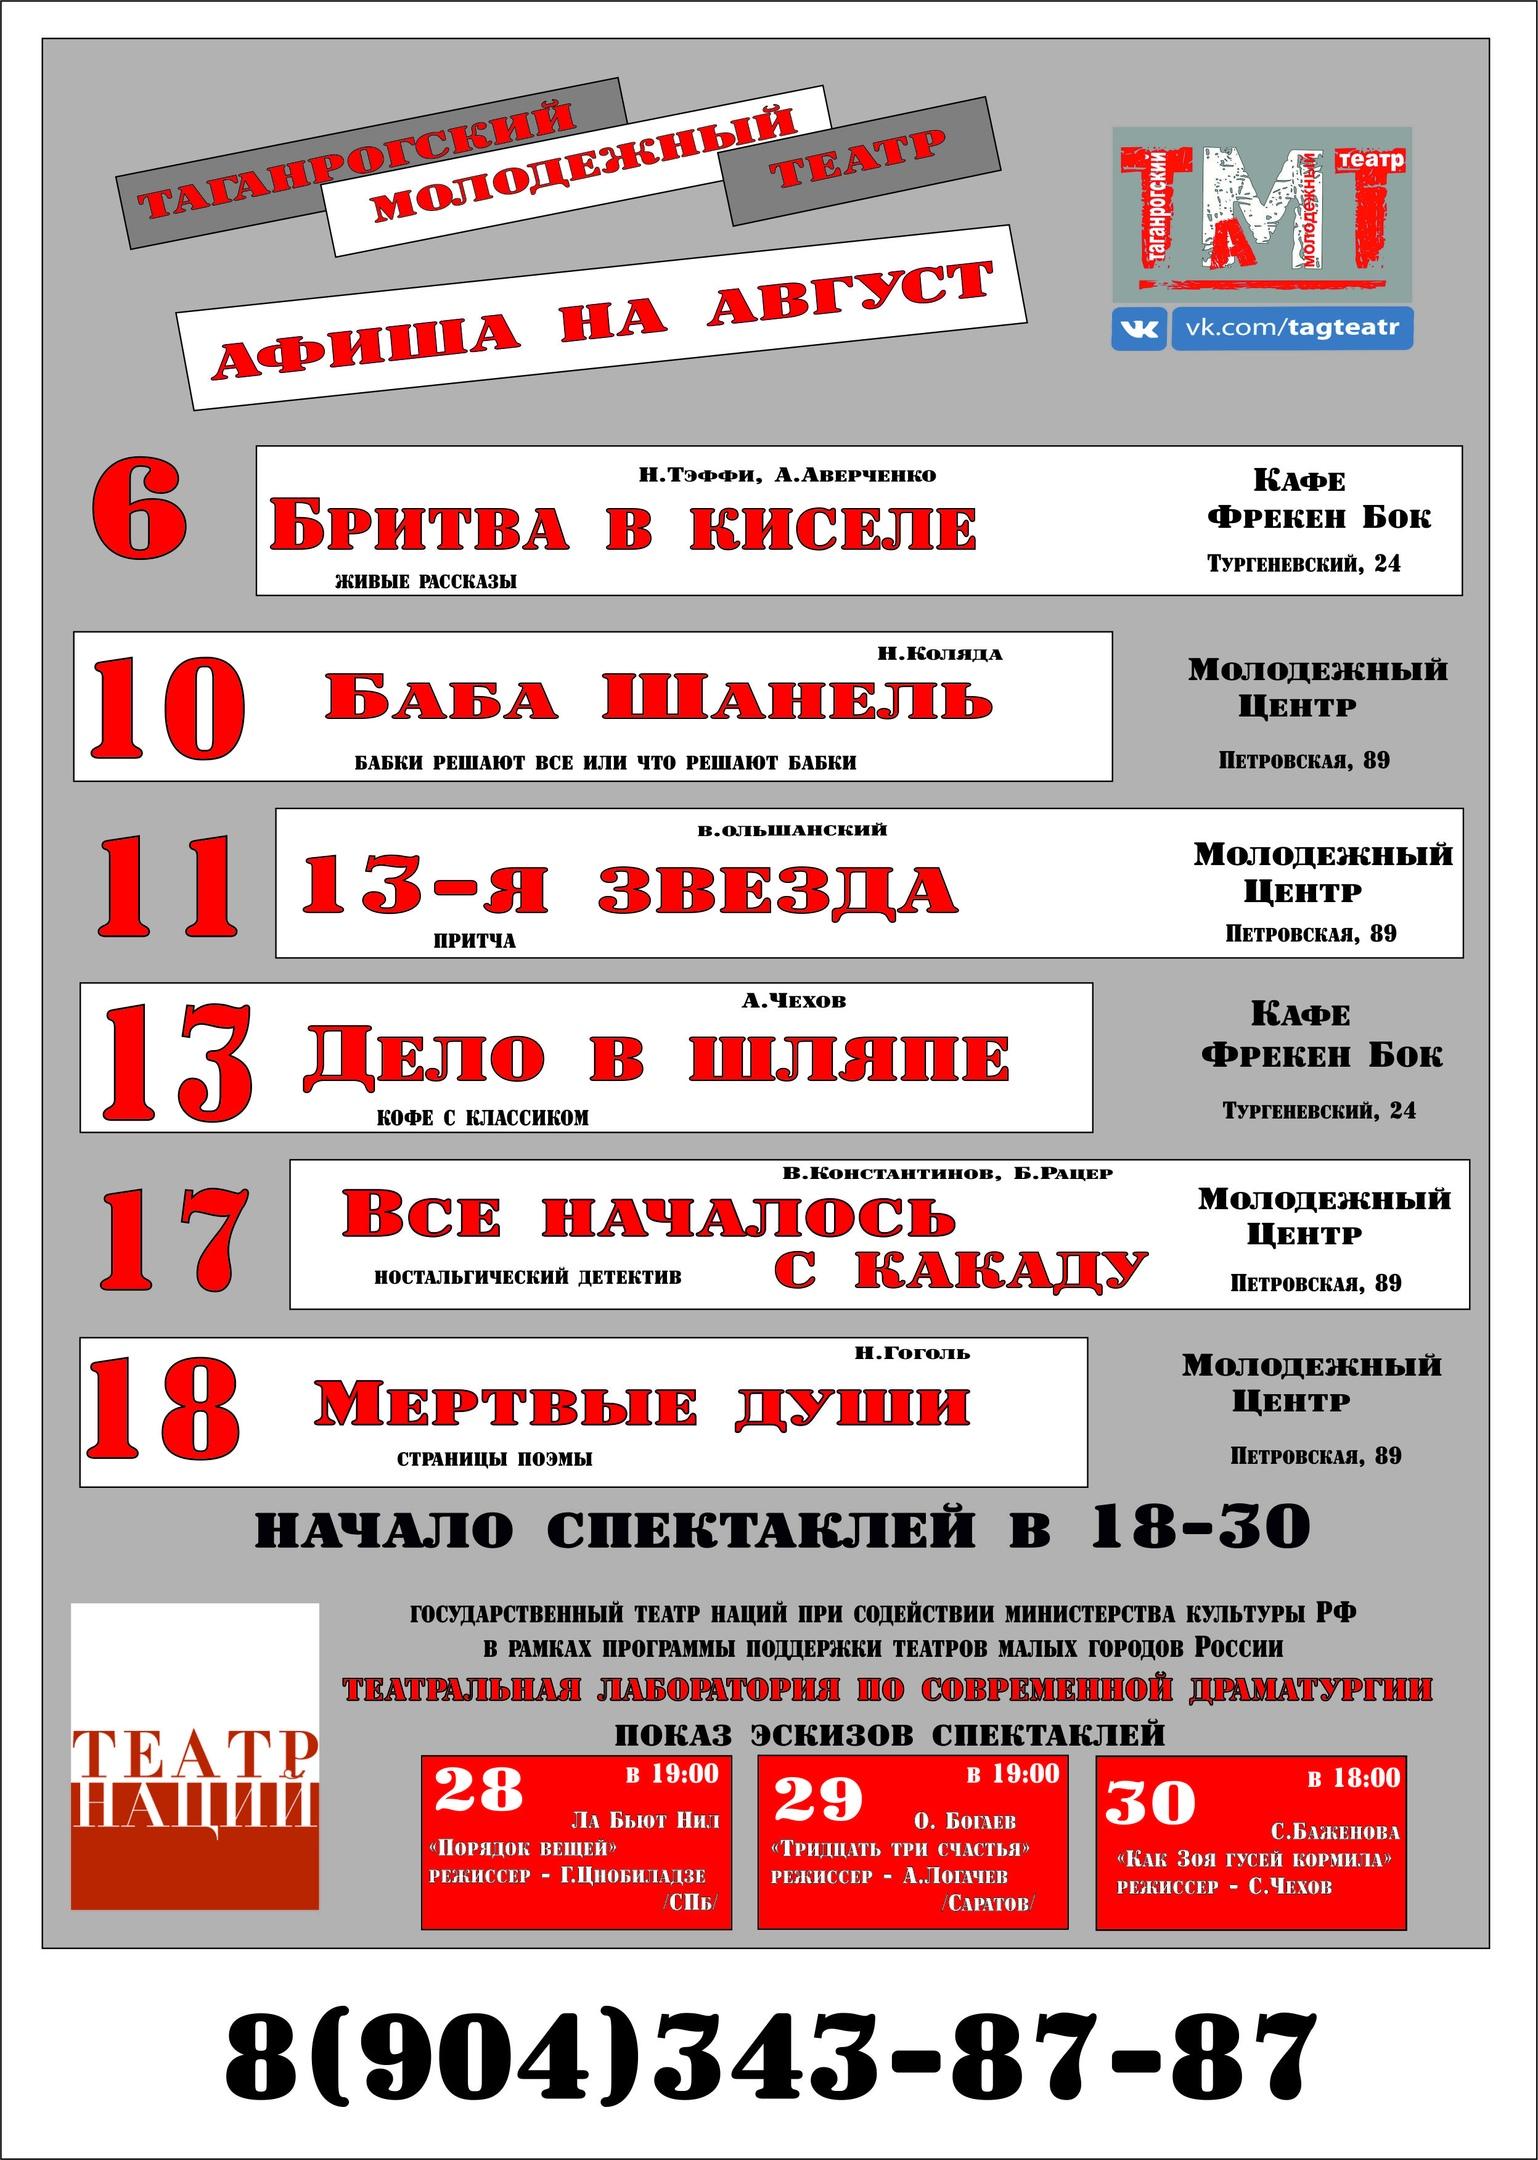 Спектакли в АВГУТЕ. Молодежный театр Нонны Малыгиной